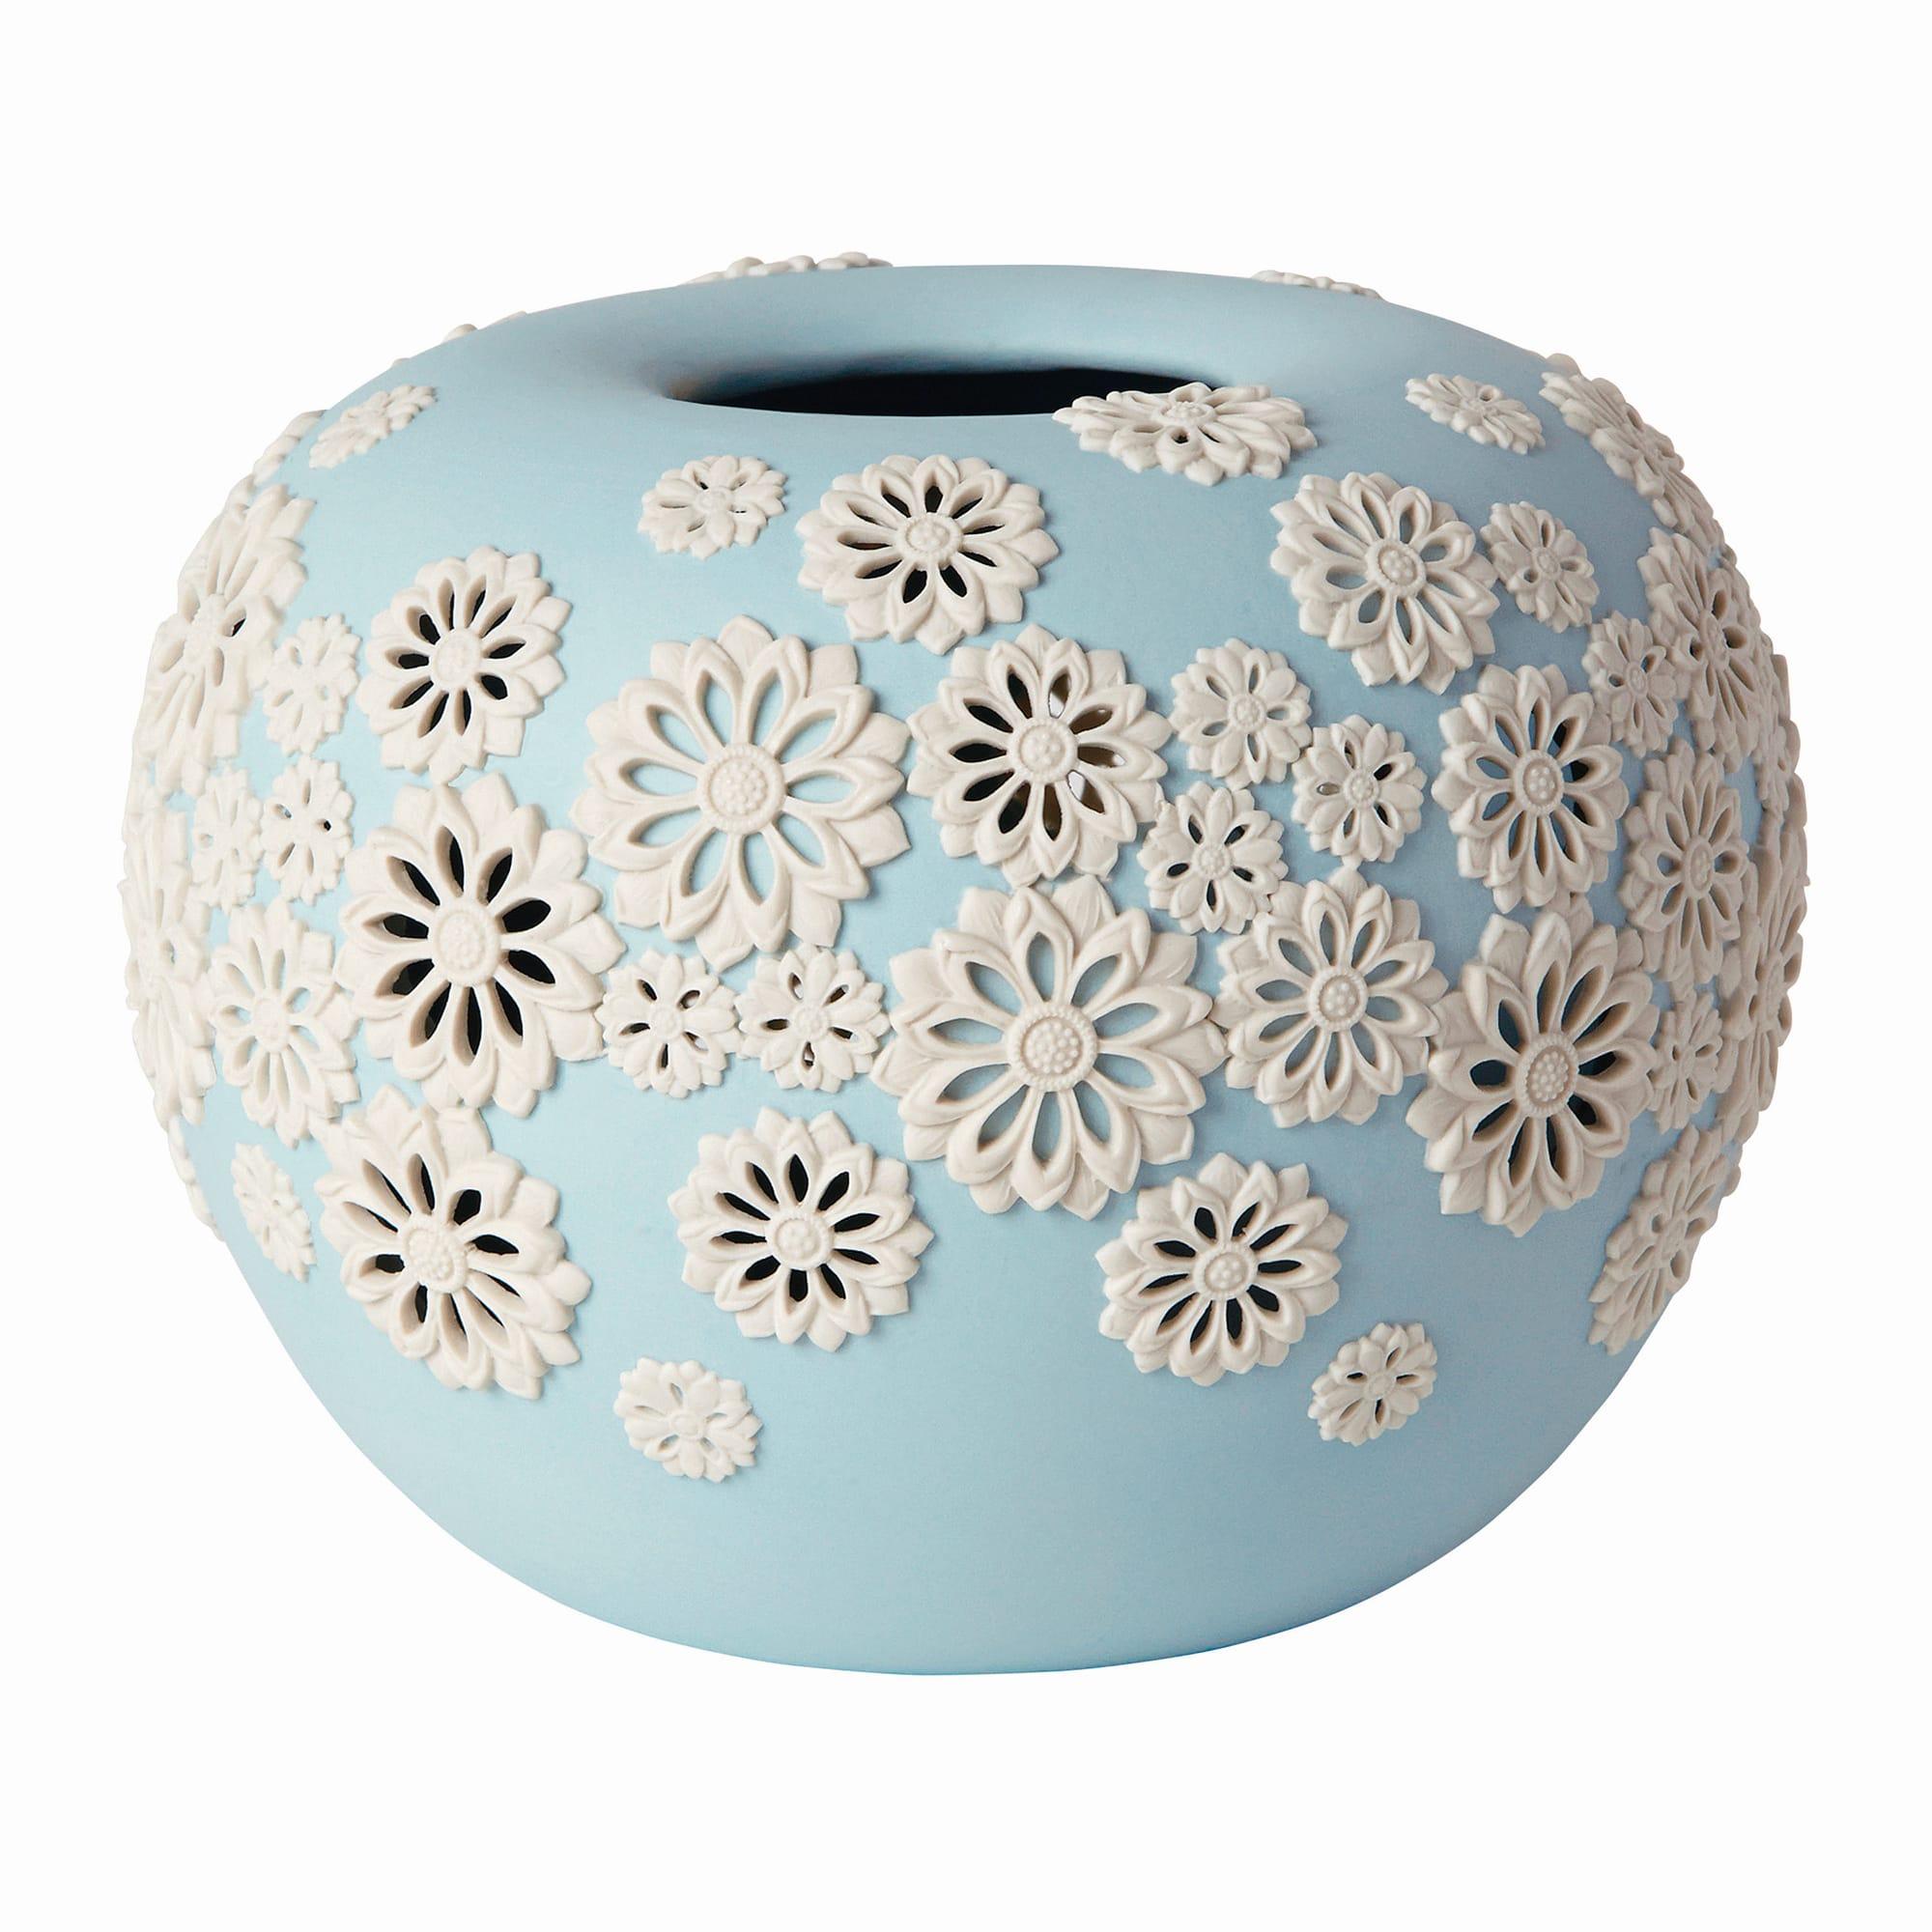 「Touka (透花) Vase」は、ぼんぼりのような丸いベースに透かし彫りの菊が舞う。